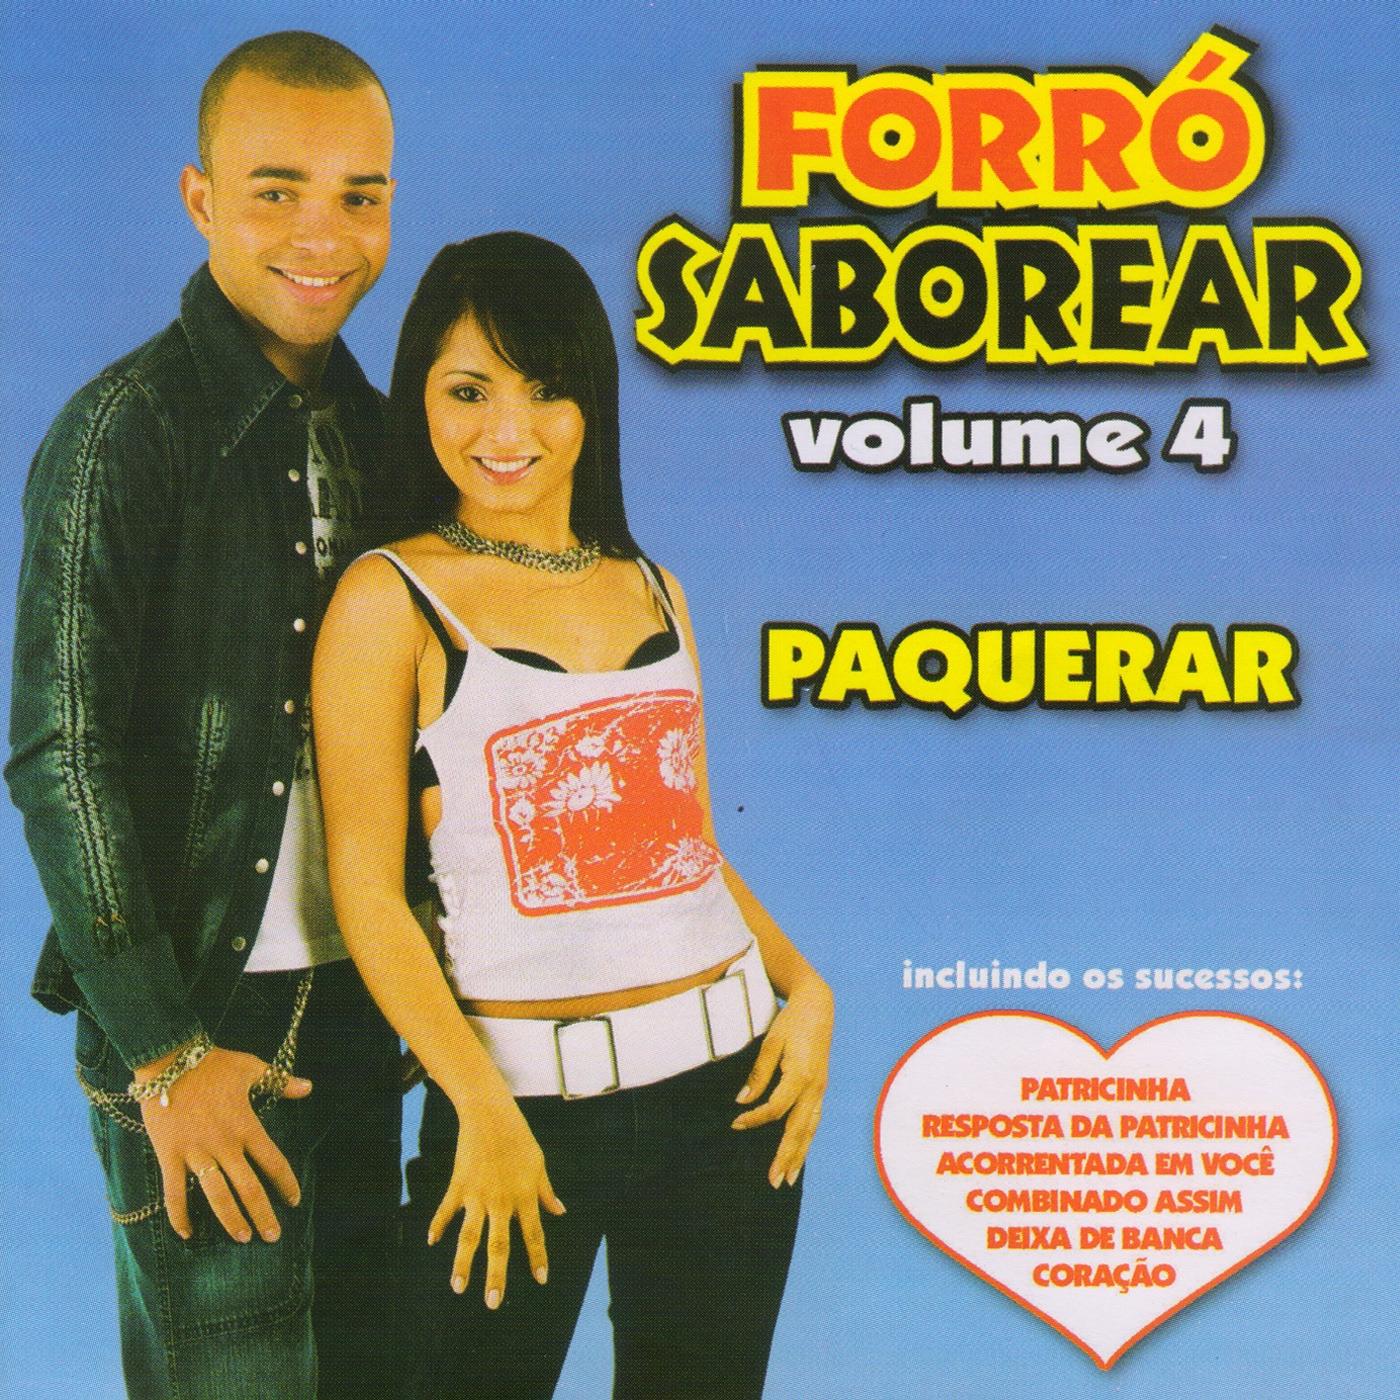 Forró Saborear, Vol. 4